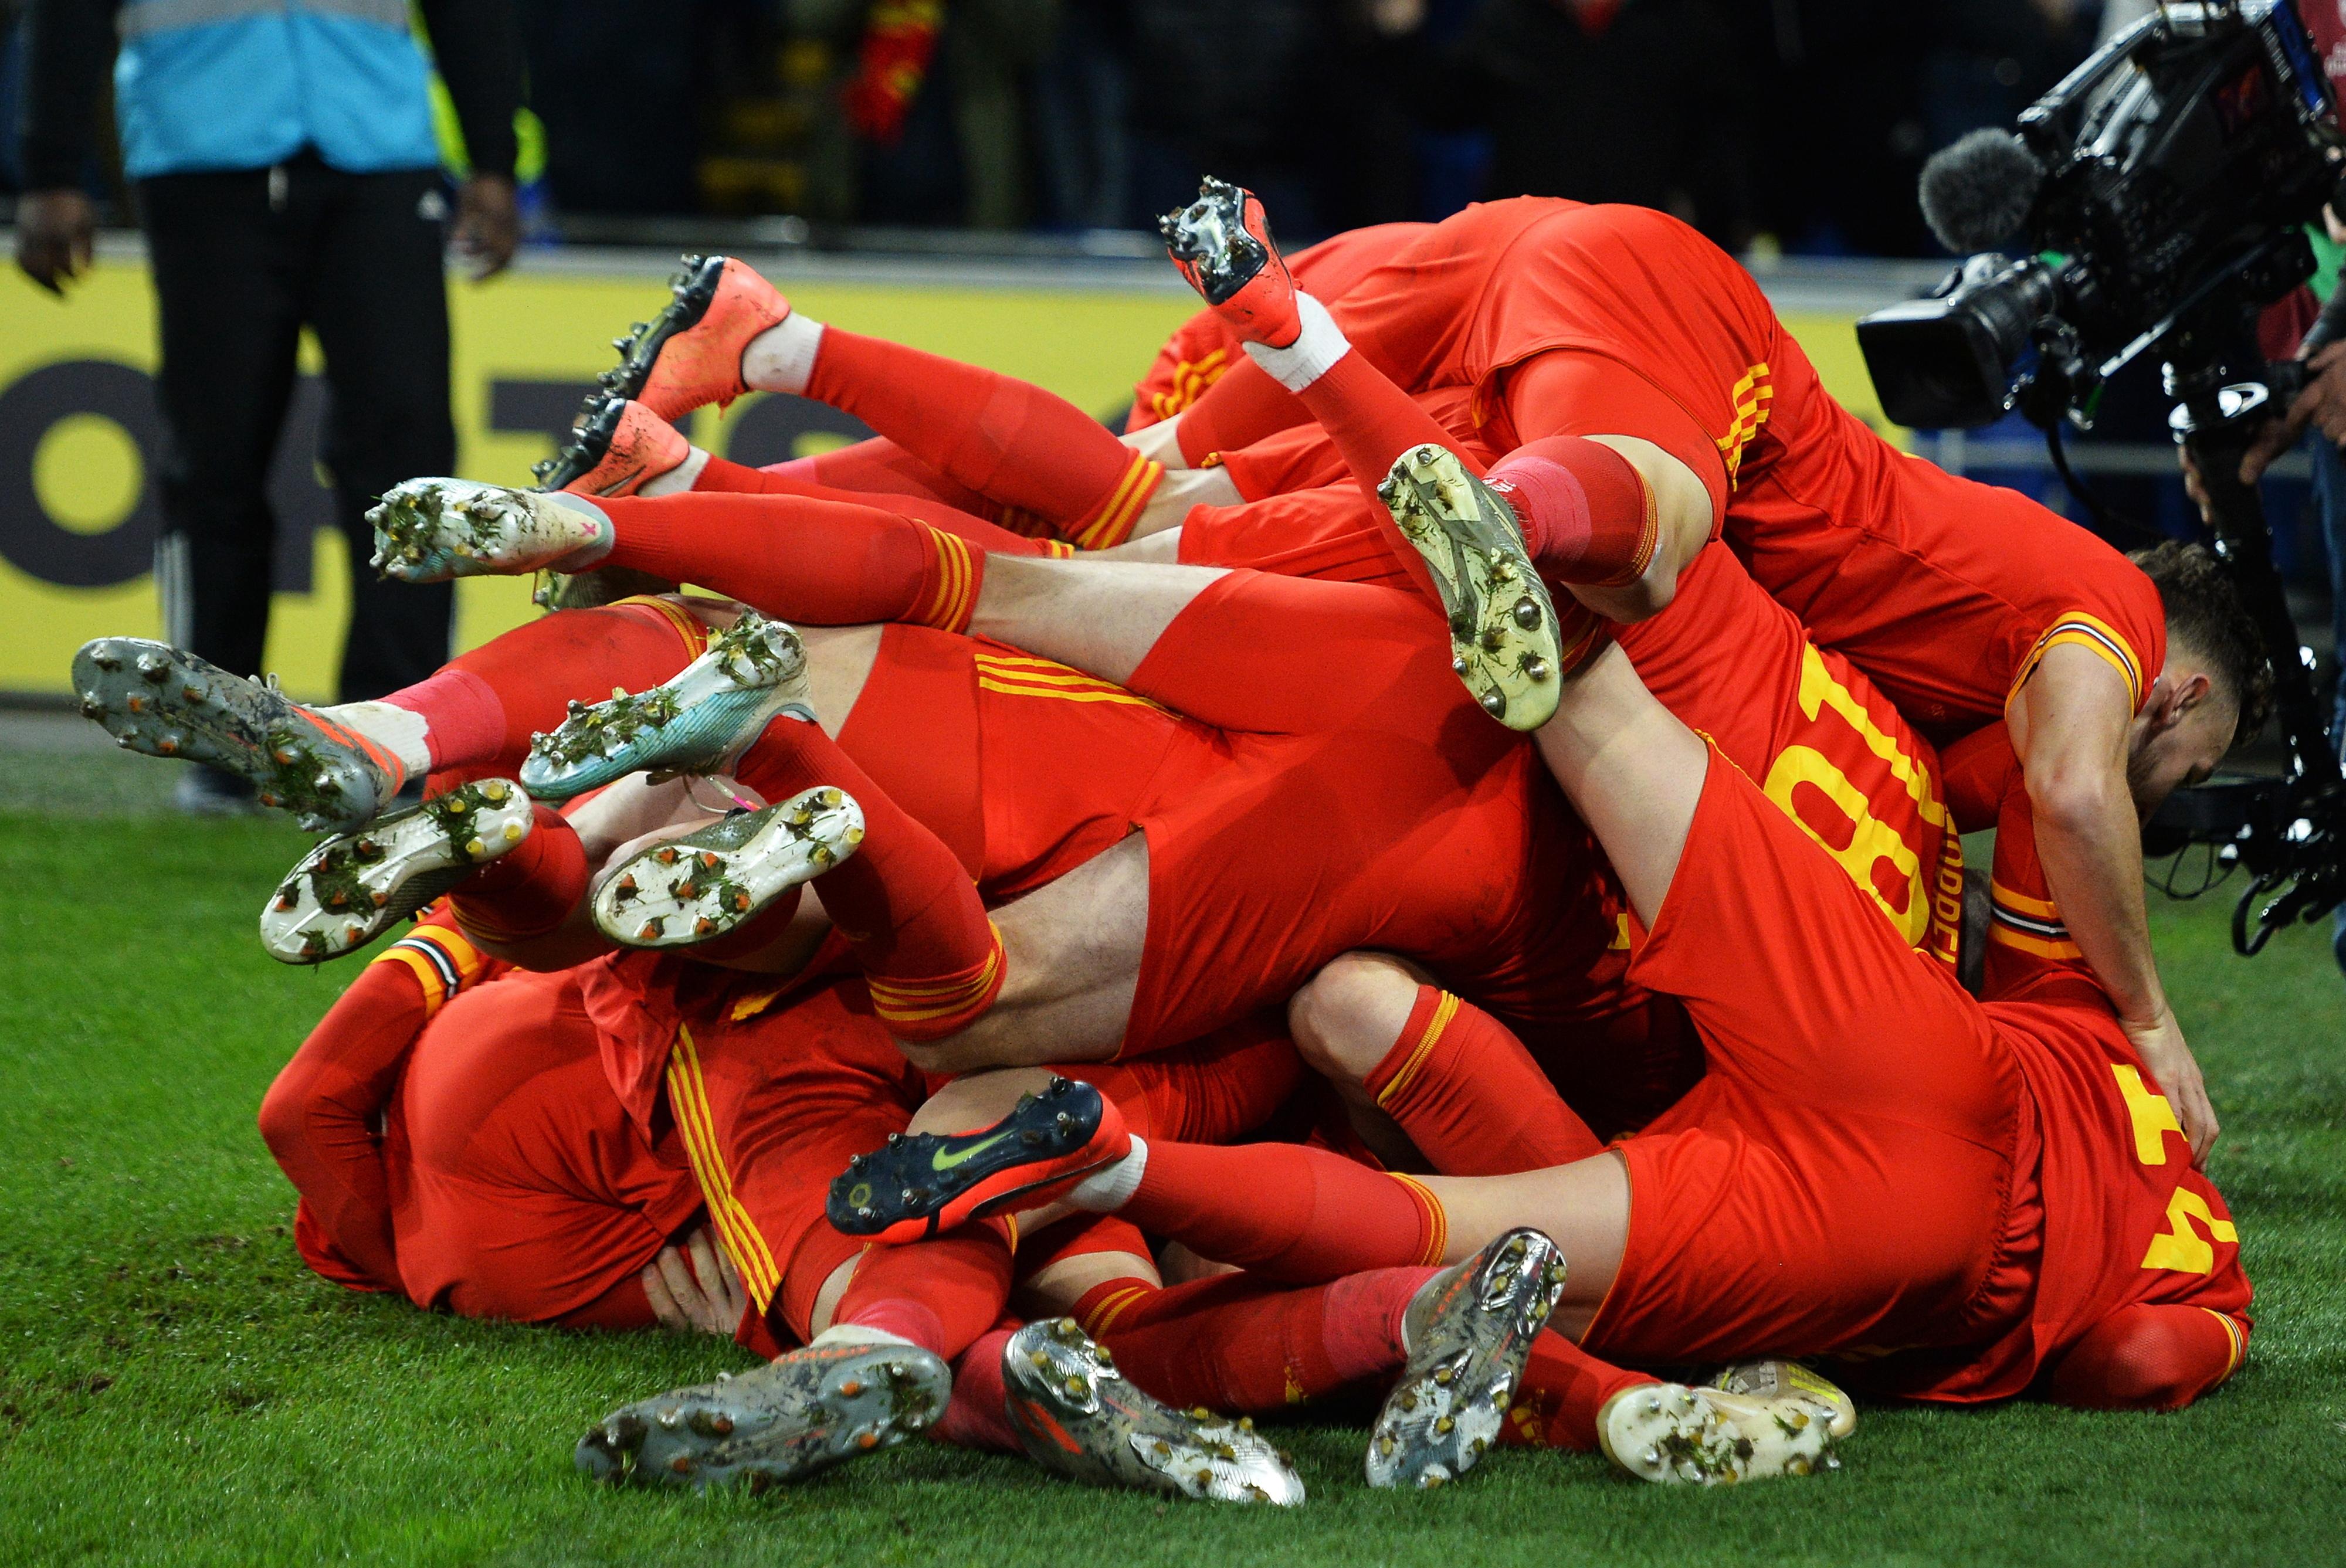 País de Gales conquista 20.ª vaga na fase final do Euro2020